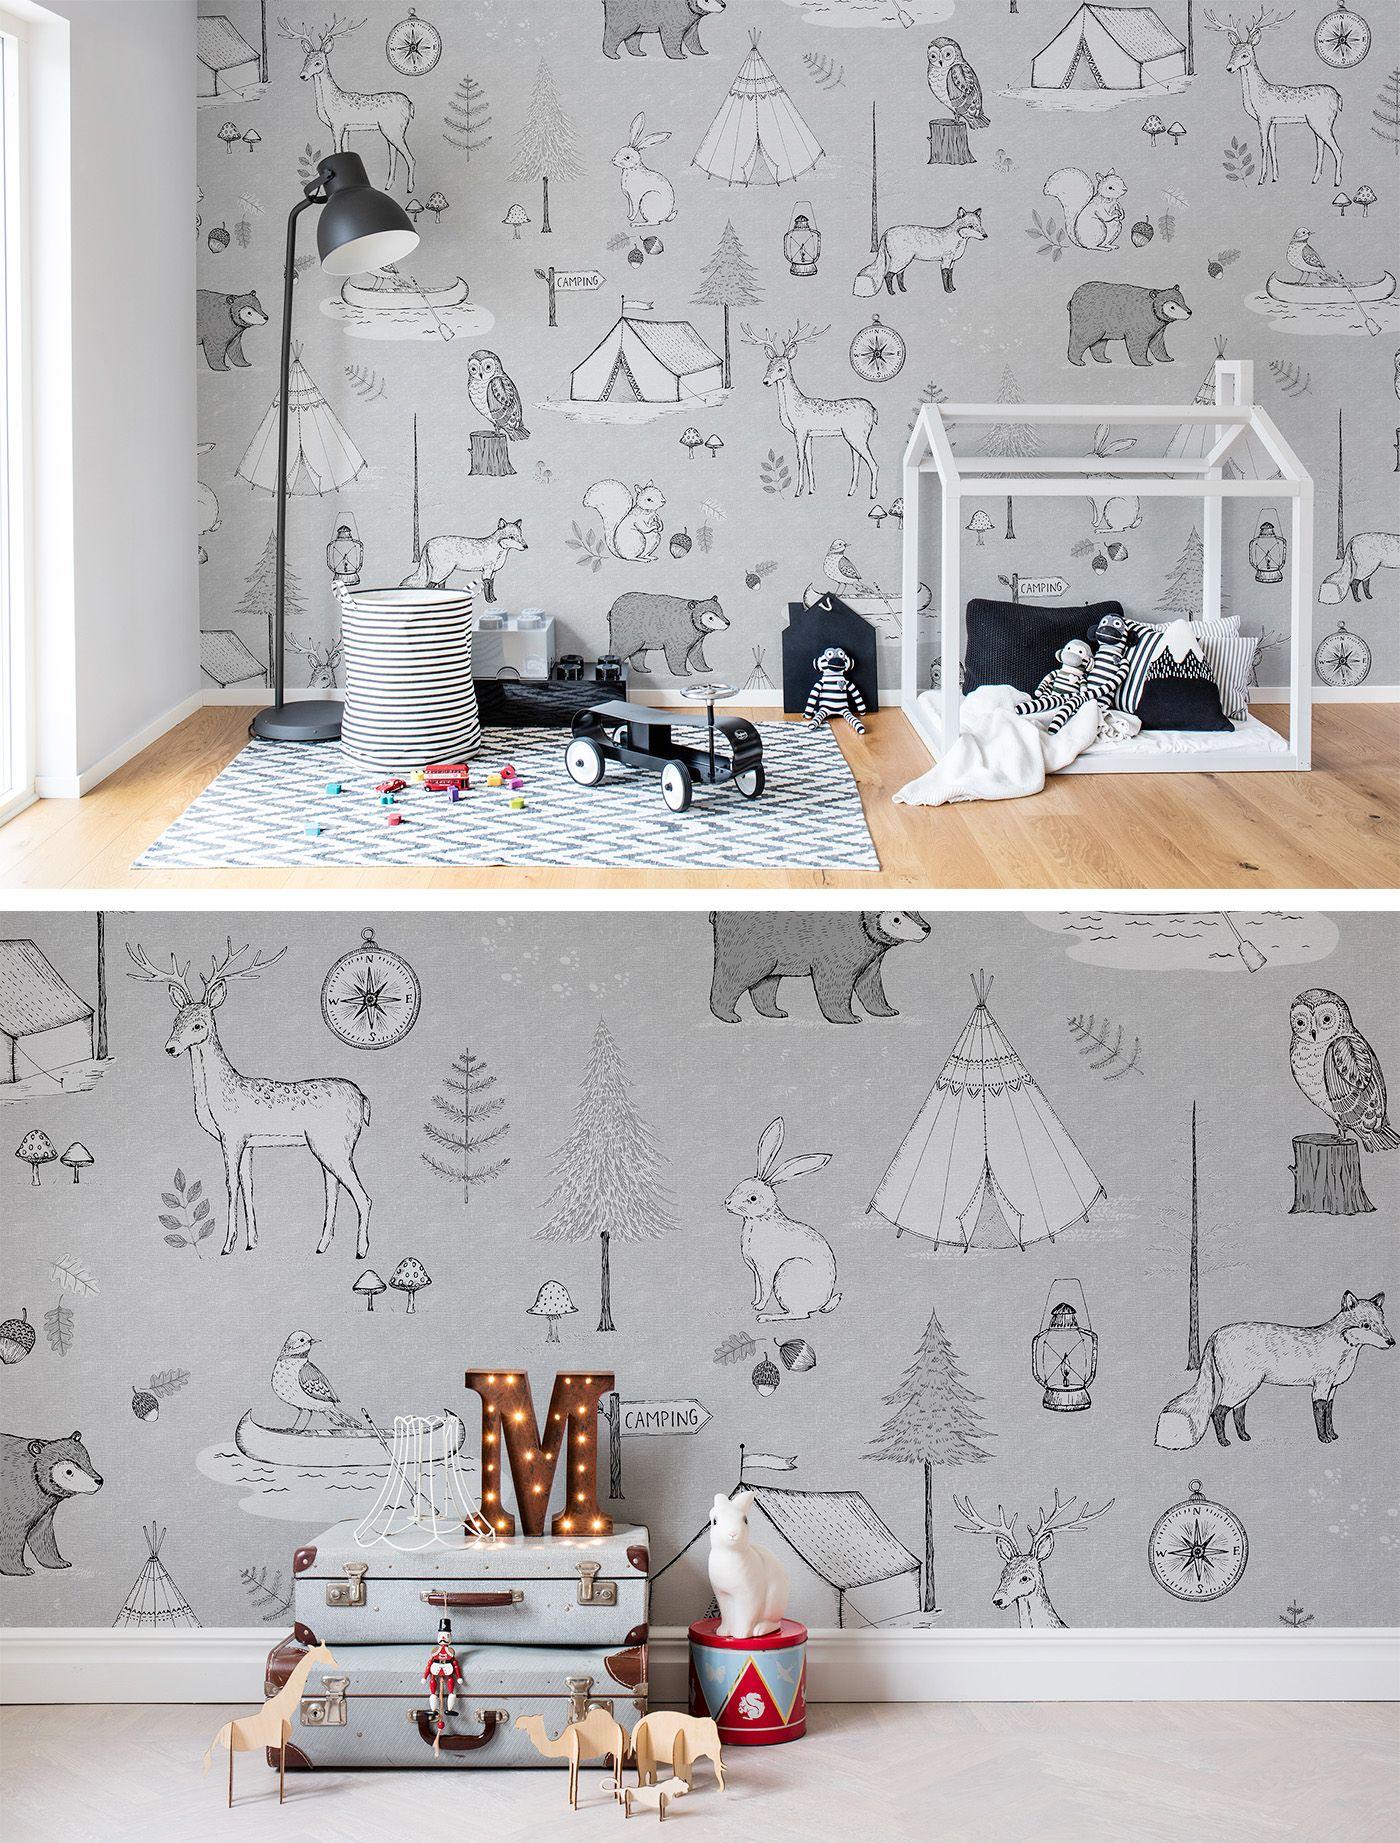 Full Size of Tapeten Kinderzimmer Regal Weiß Fototapeten Wohnzimmer Für Küche Die Sofa Regale Schlafzimmer Ideen Kinderzimmer Tapeten Kinderzimmer